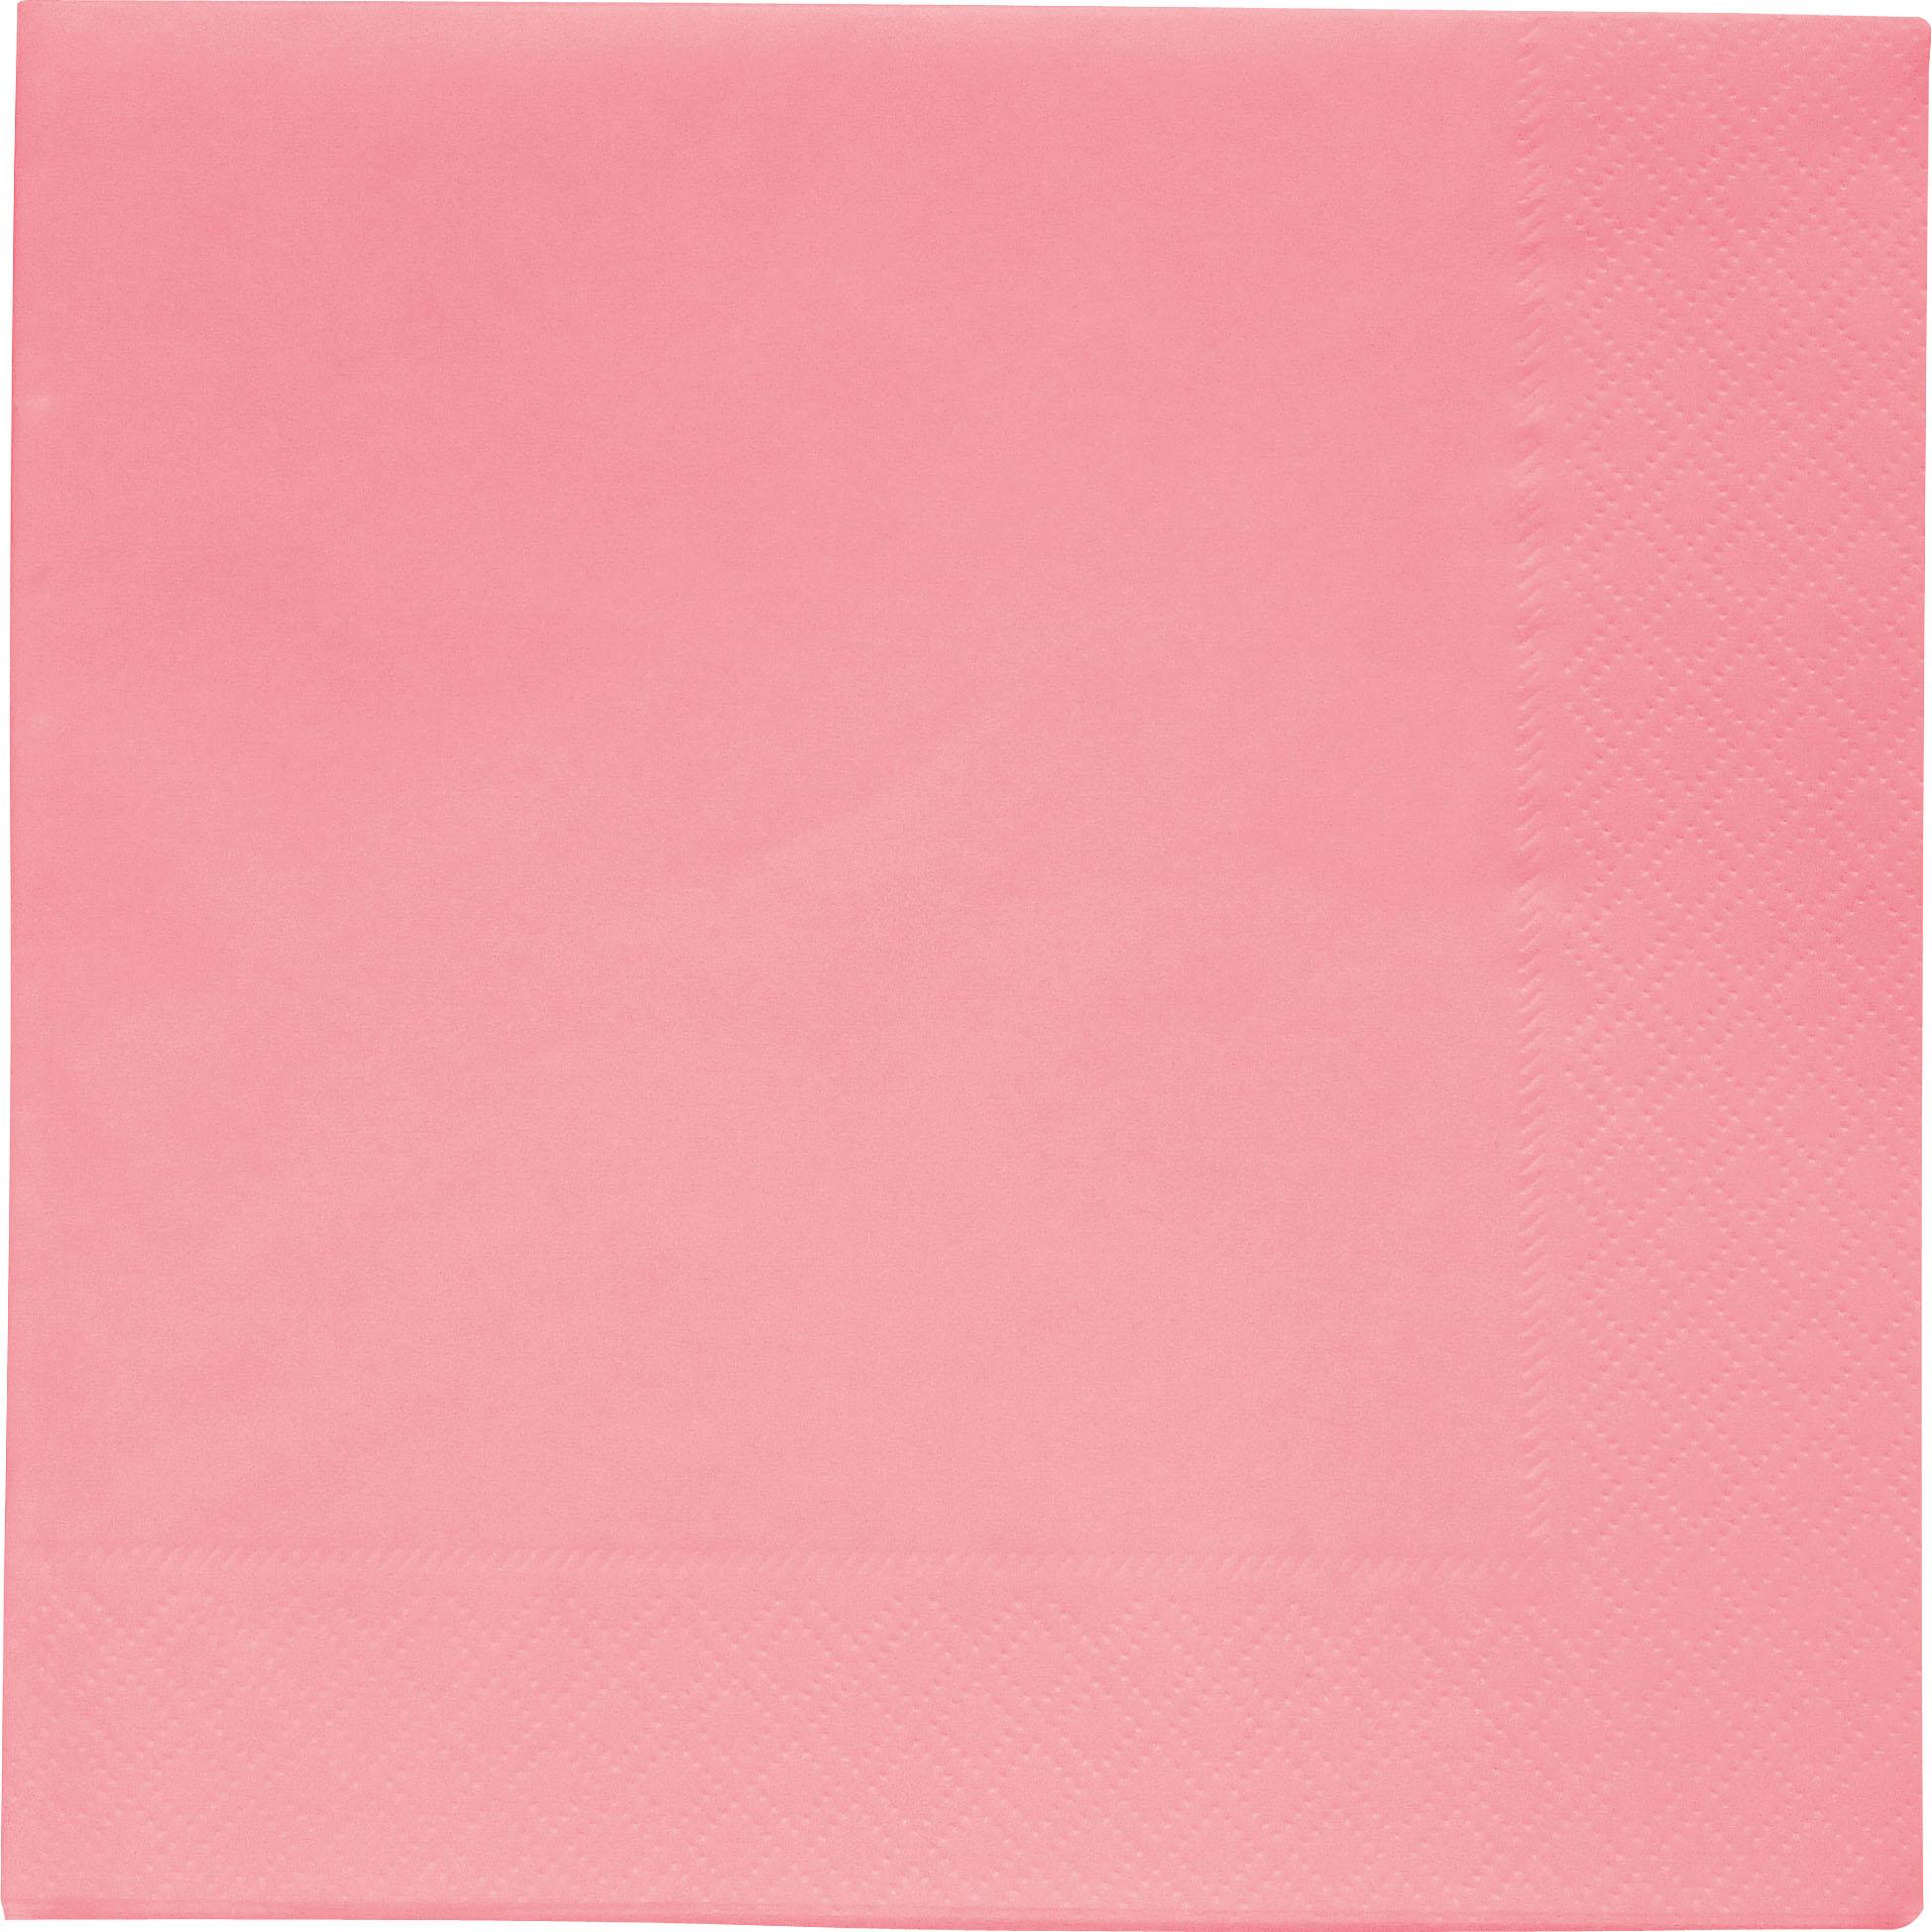 20 serviettes en papier pais rose 33 x 33 cm d coration anniversaire et f tes th me sur. Black Bedroom Furniture Sets. Home Design Ideas